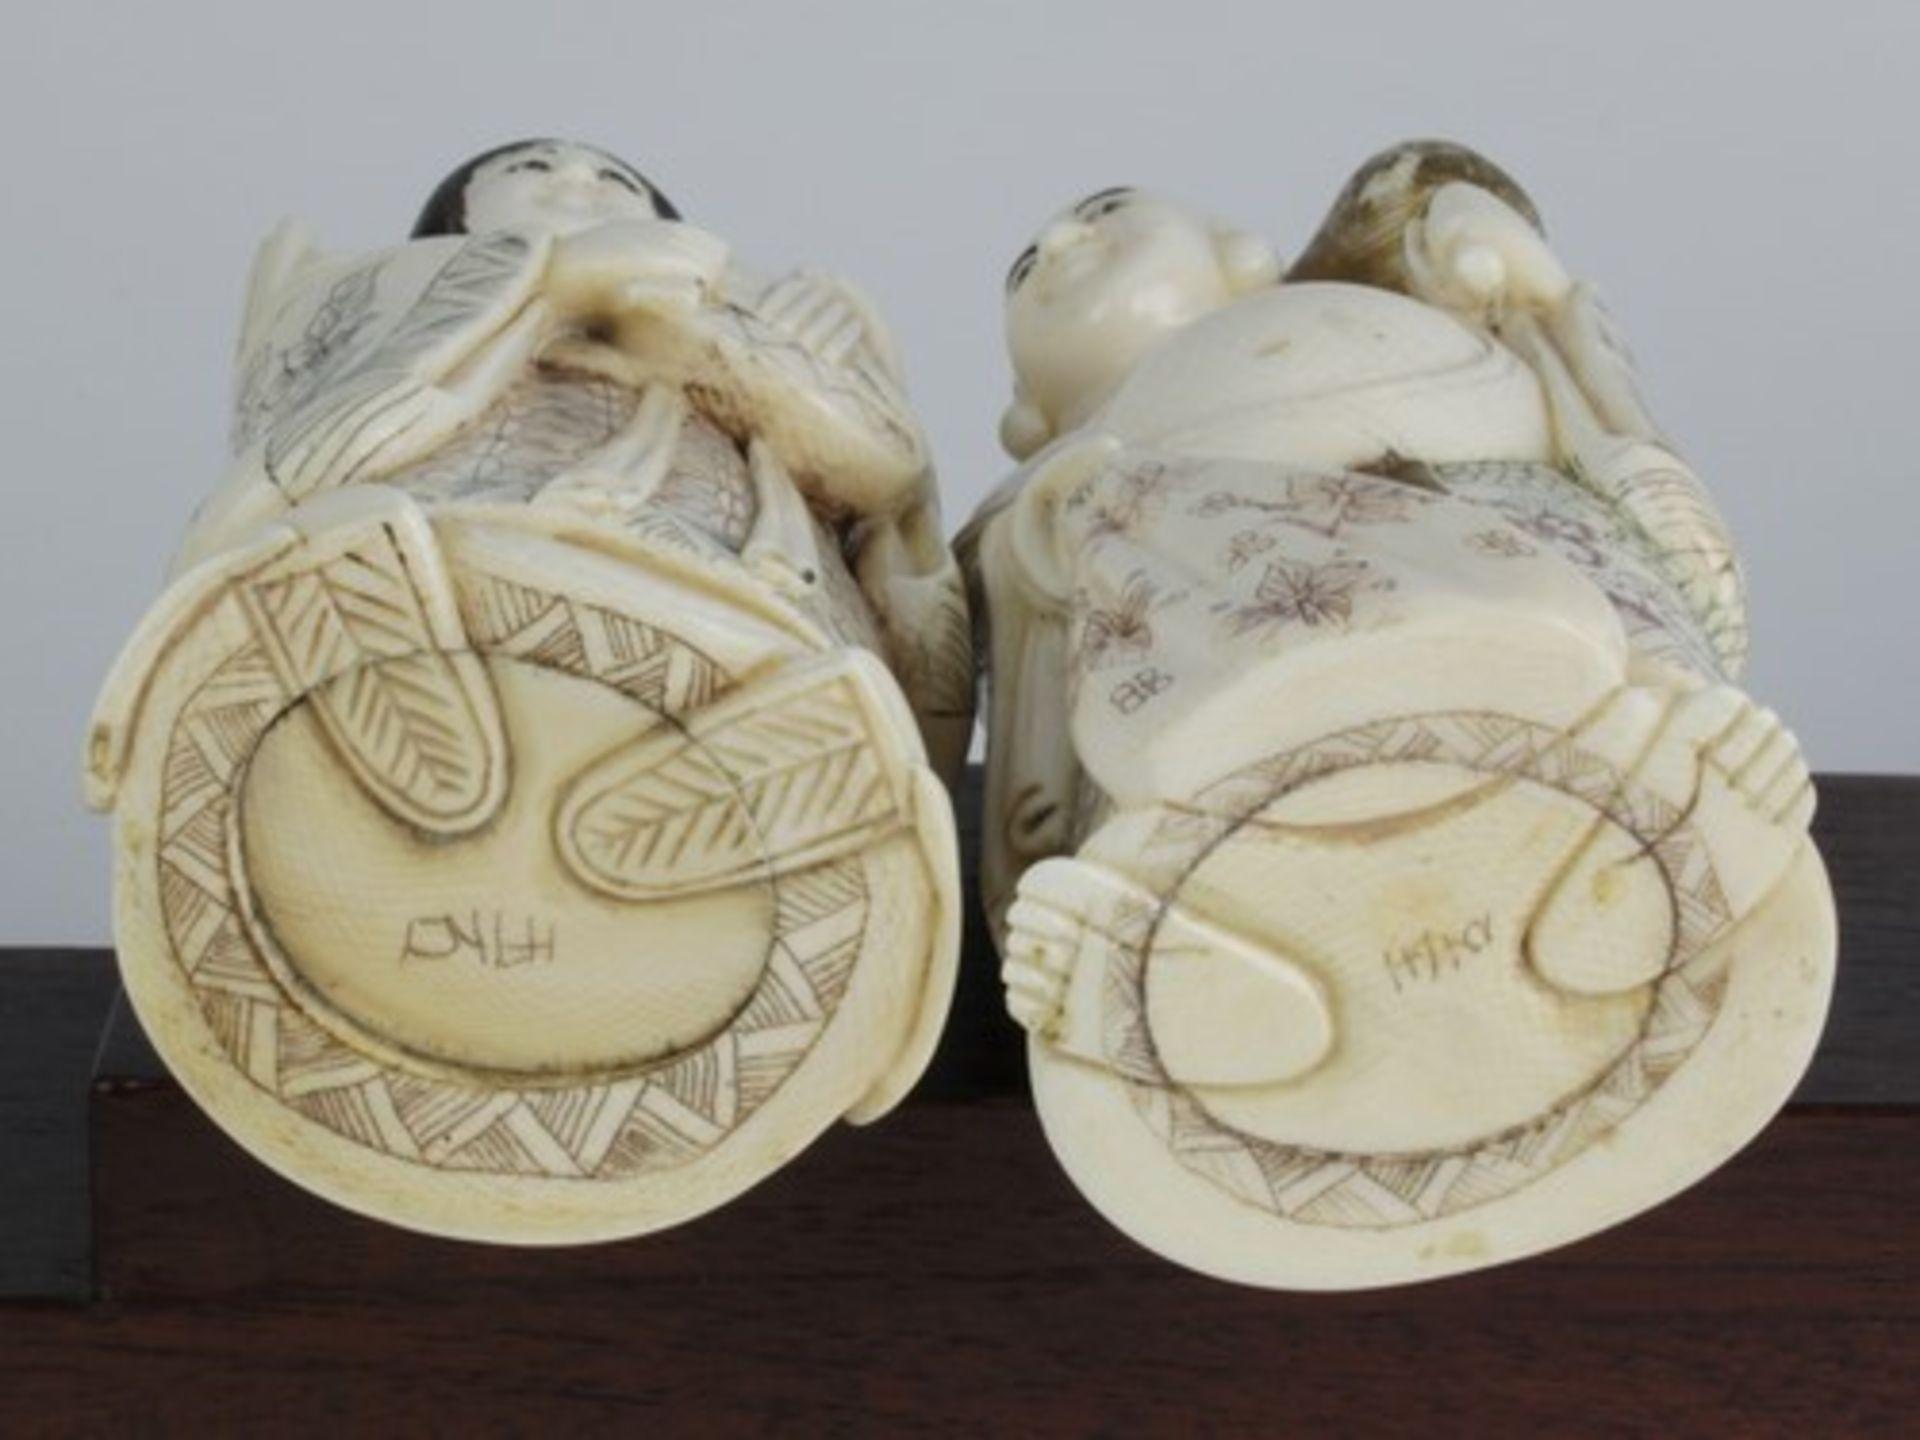 Figurengruppe - Chinaum 1920, 7x vollplastische Elfenbein-Schnitzereien, partiell geschwärzt, - Bild 15 aus 24